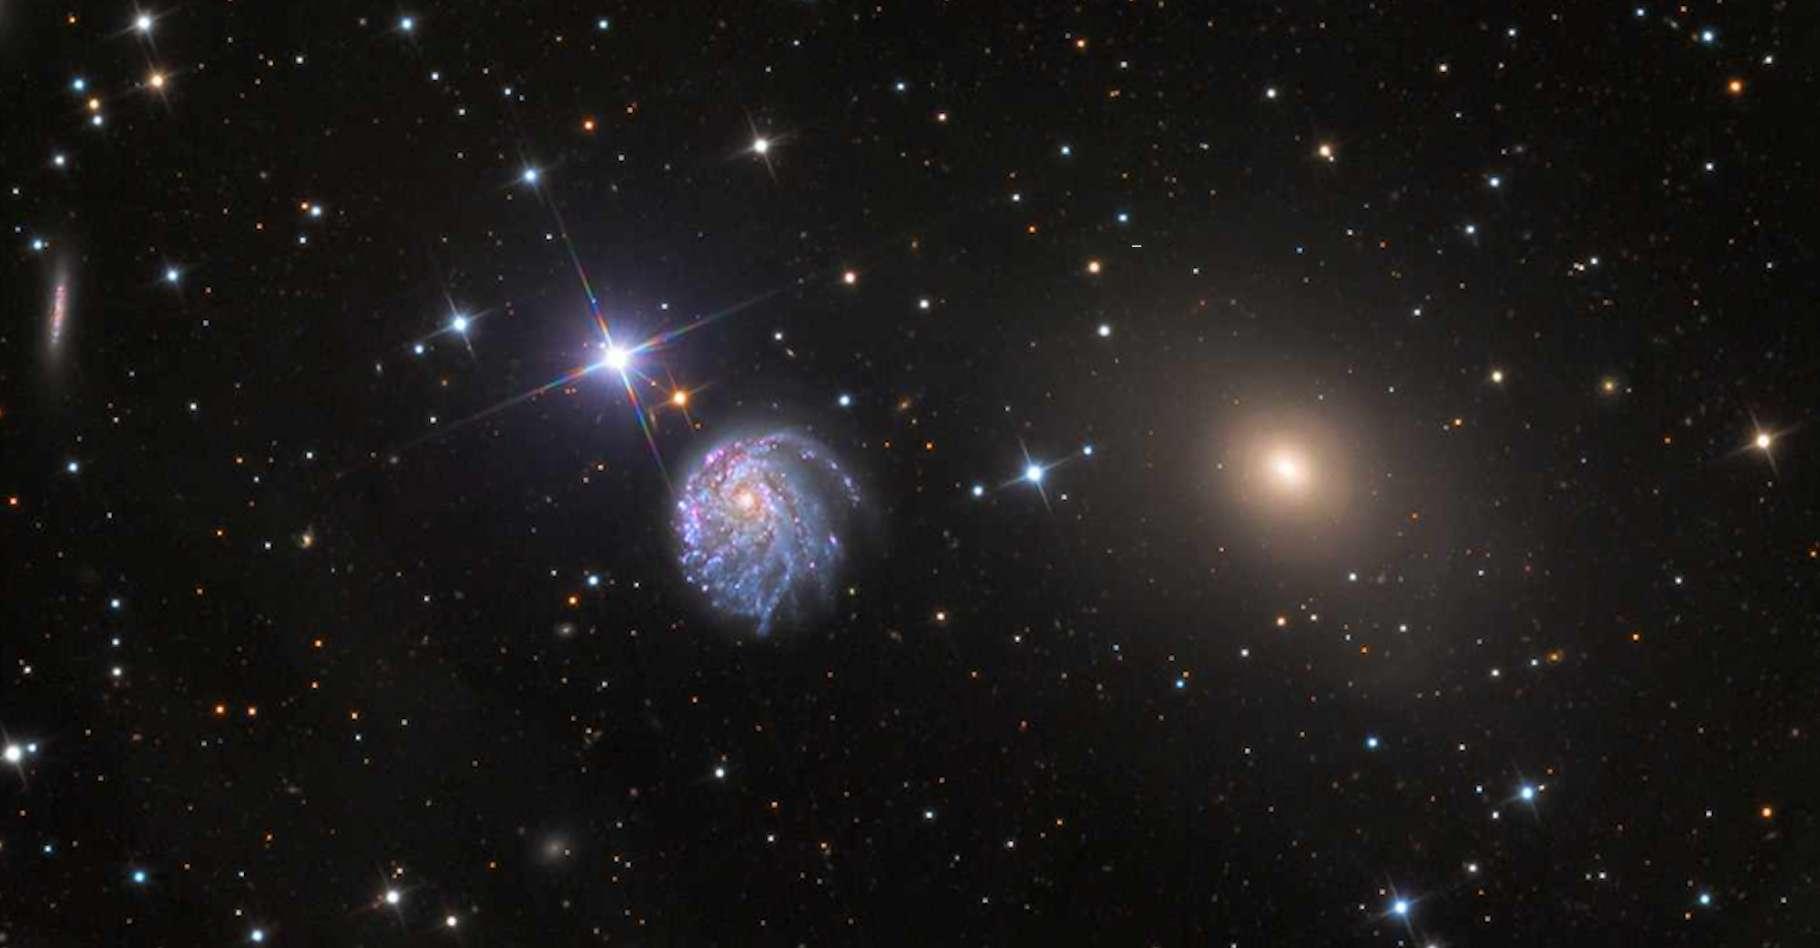 La galaxie spirale NGC 2276 déformée par la gravité dans son environnement. © Hubble, Nasa